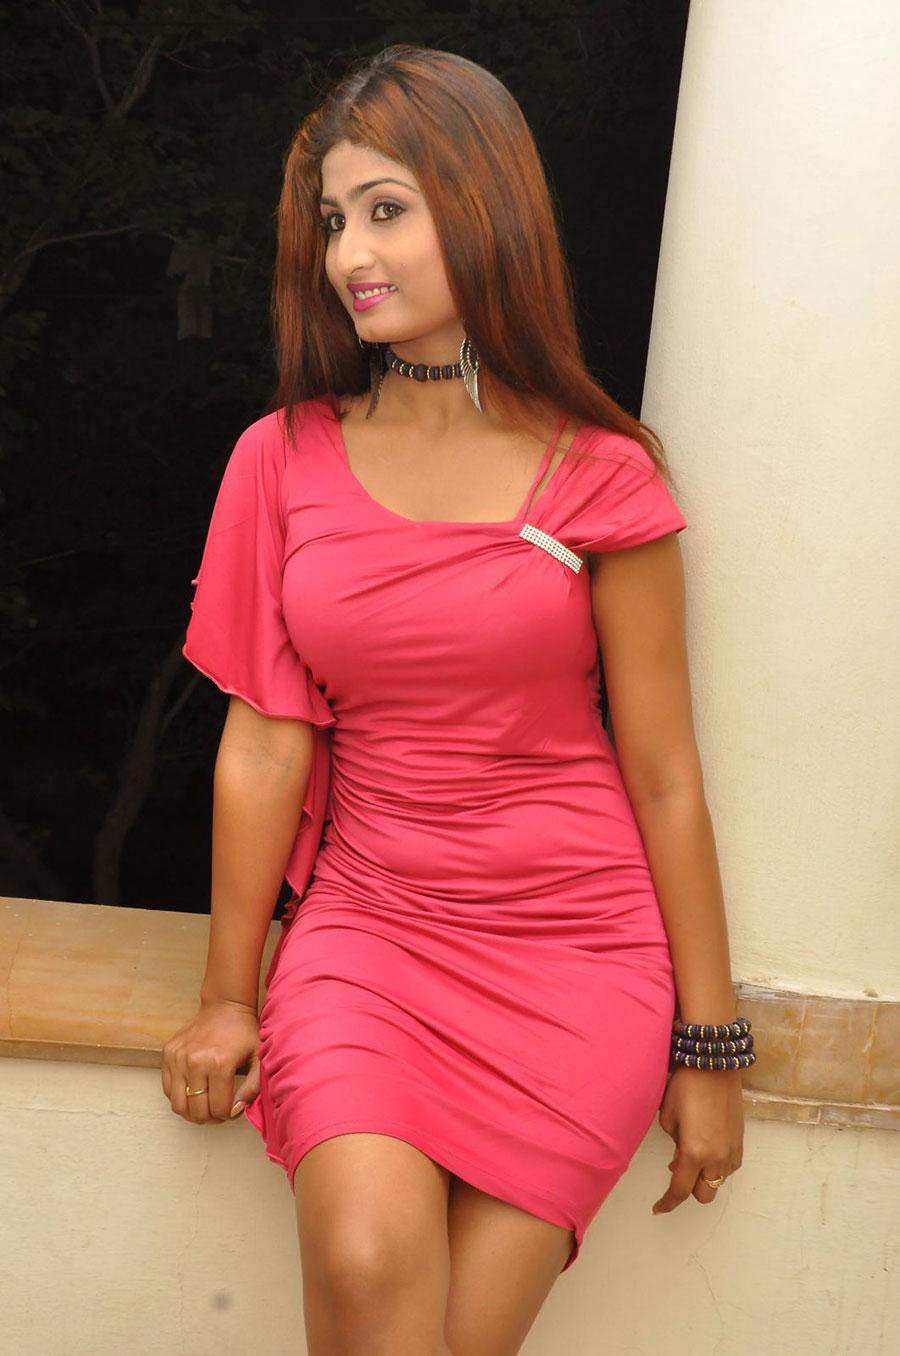 New telugu actress swapna photos gallery